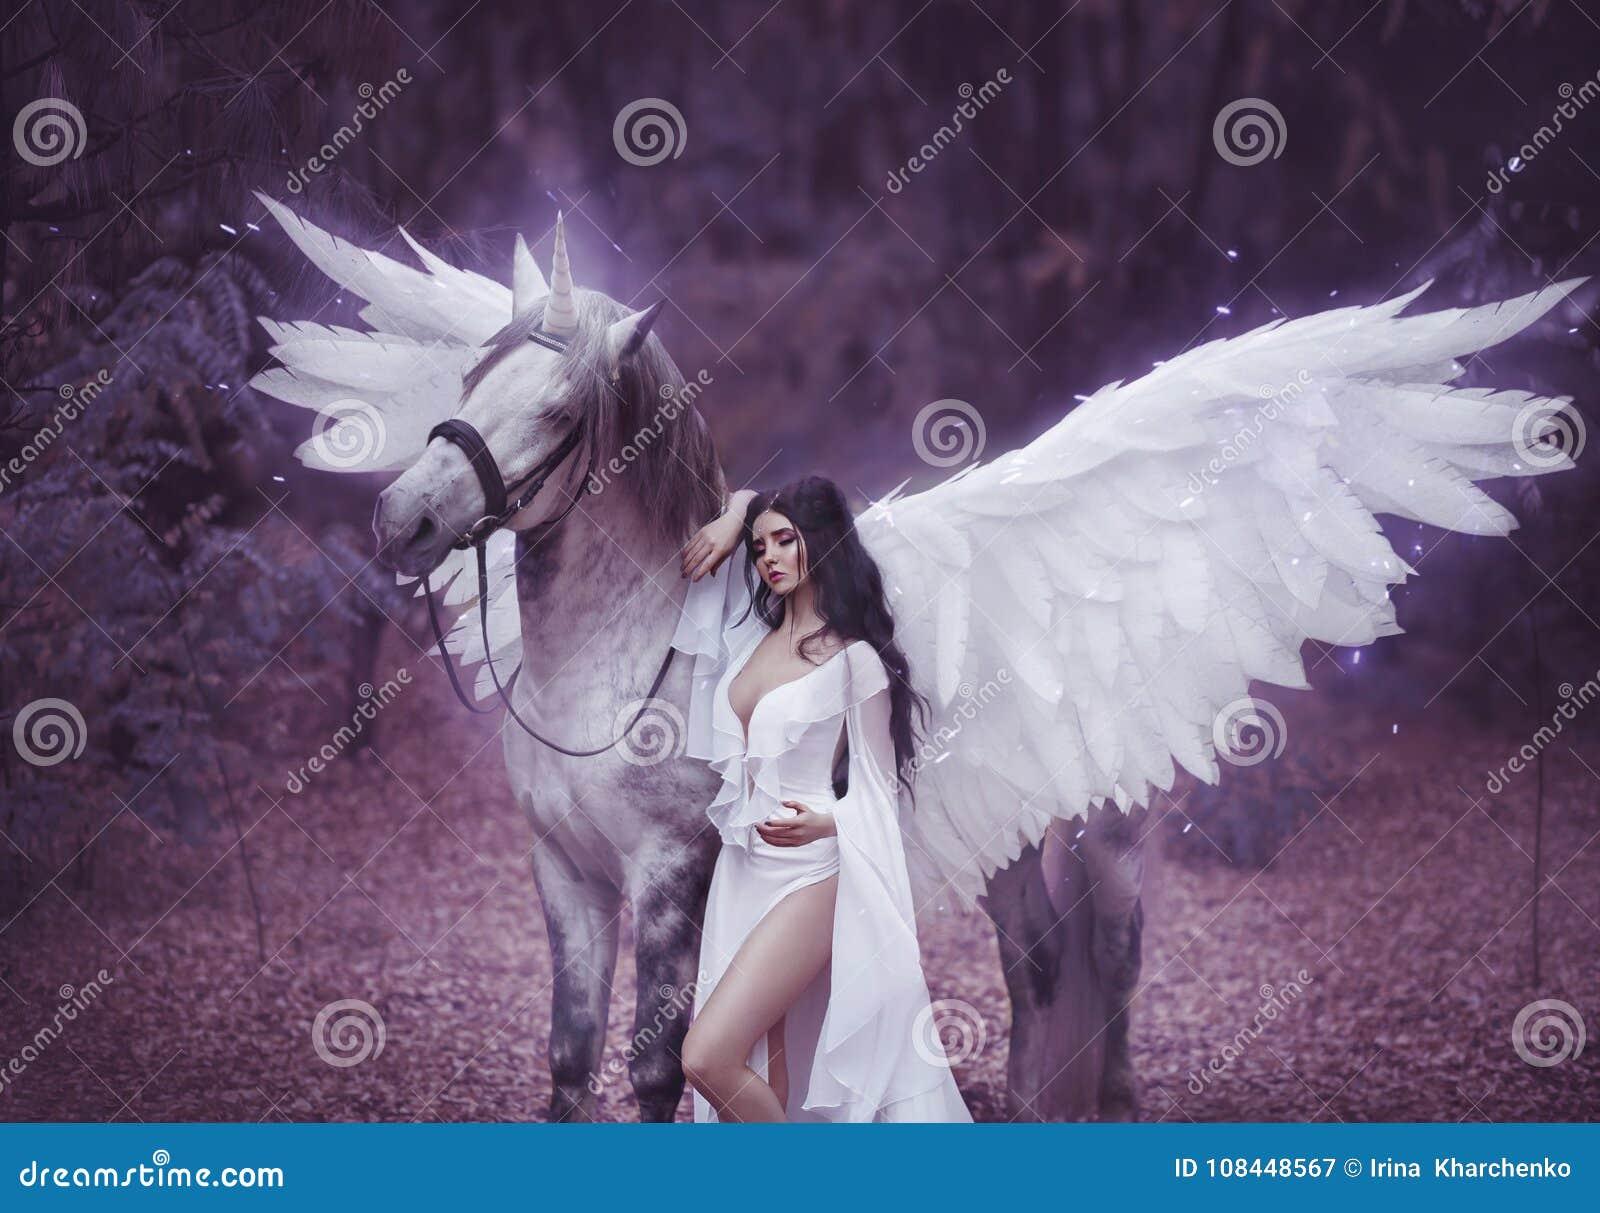 Красивый, молодой эльф, идя с единорогом Она носит неимоверный свет, белое платье Hotography искусства